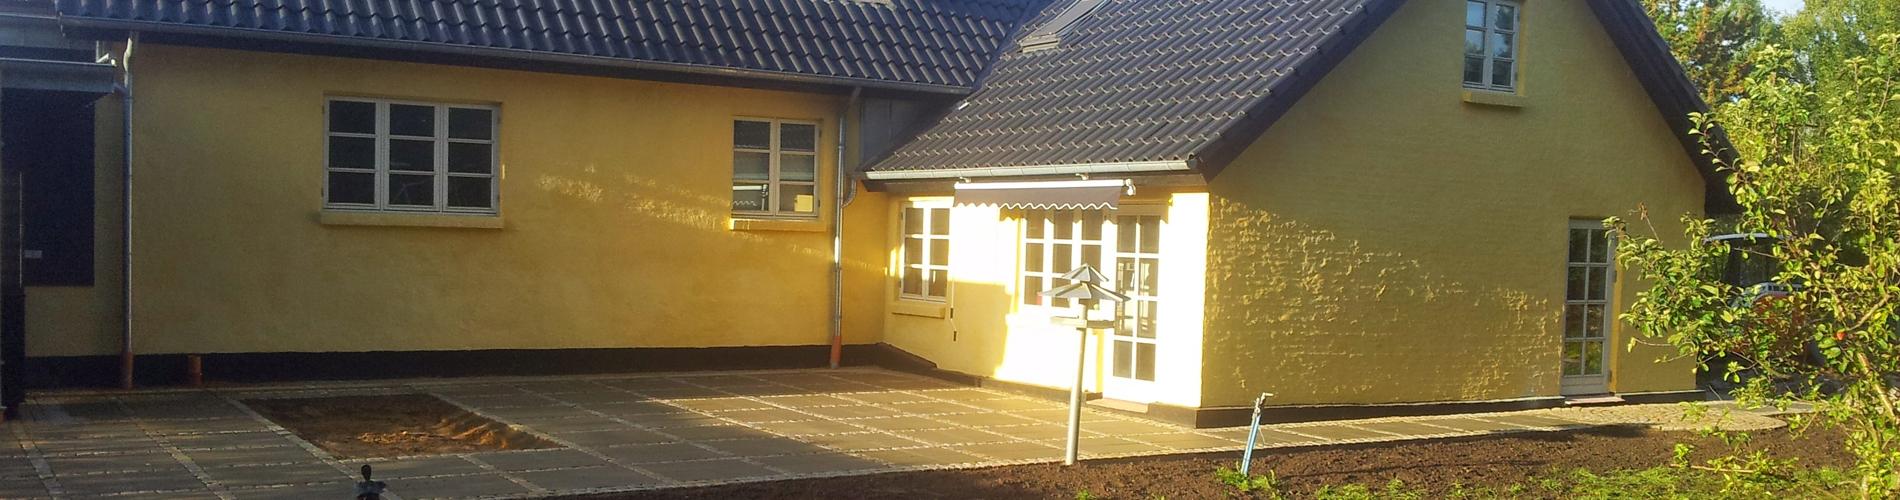 Gårdhave_slide